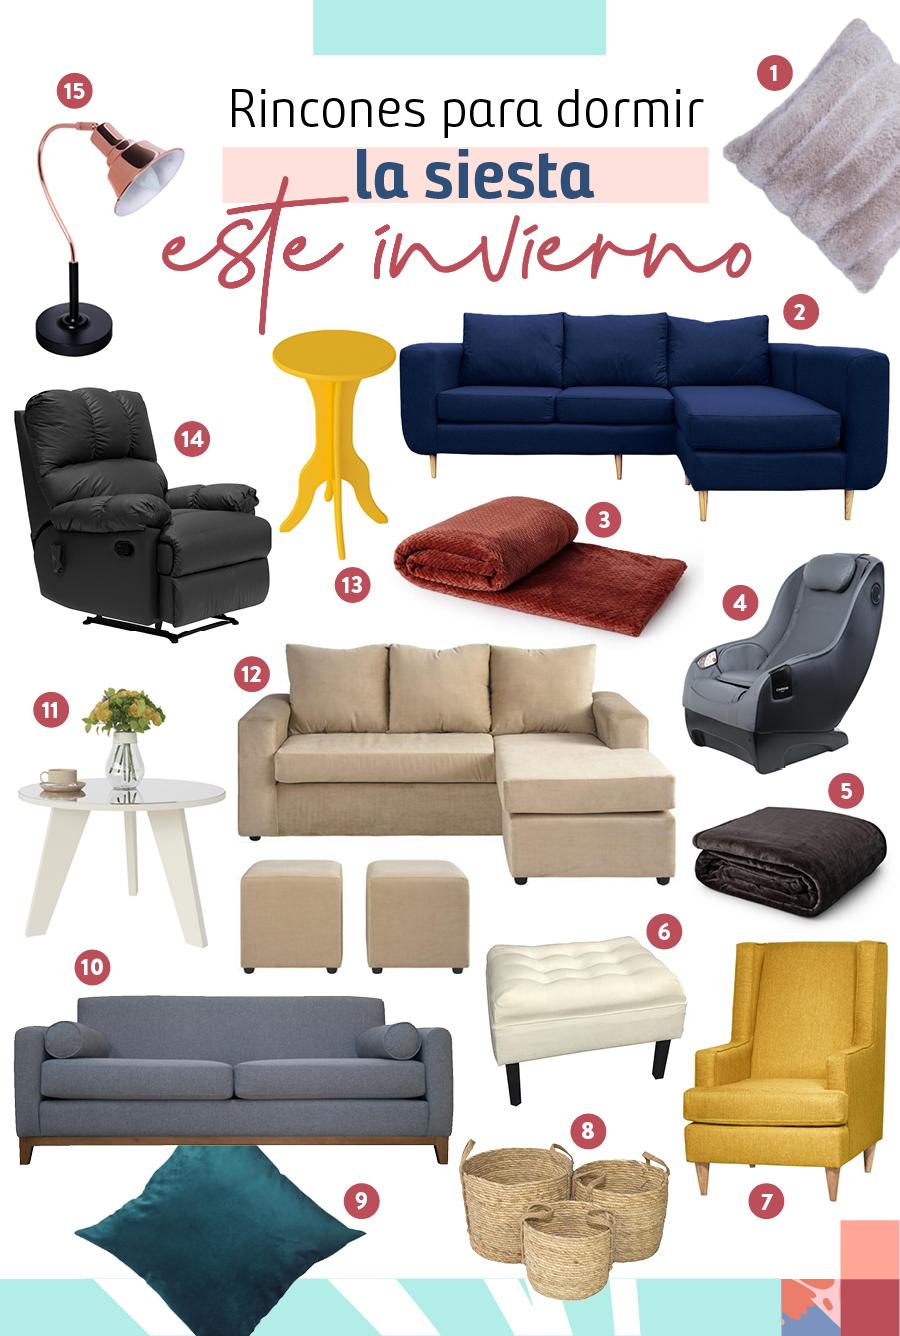 Muchos productos que te servirán a la hora de dormir la siesta ¡perfecta!